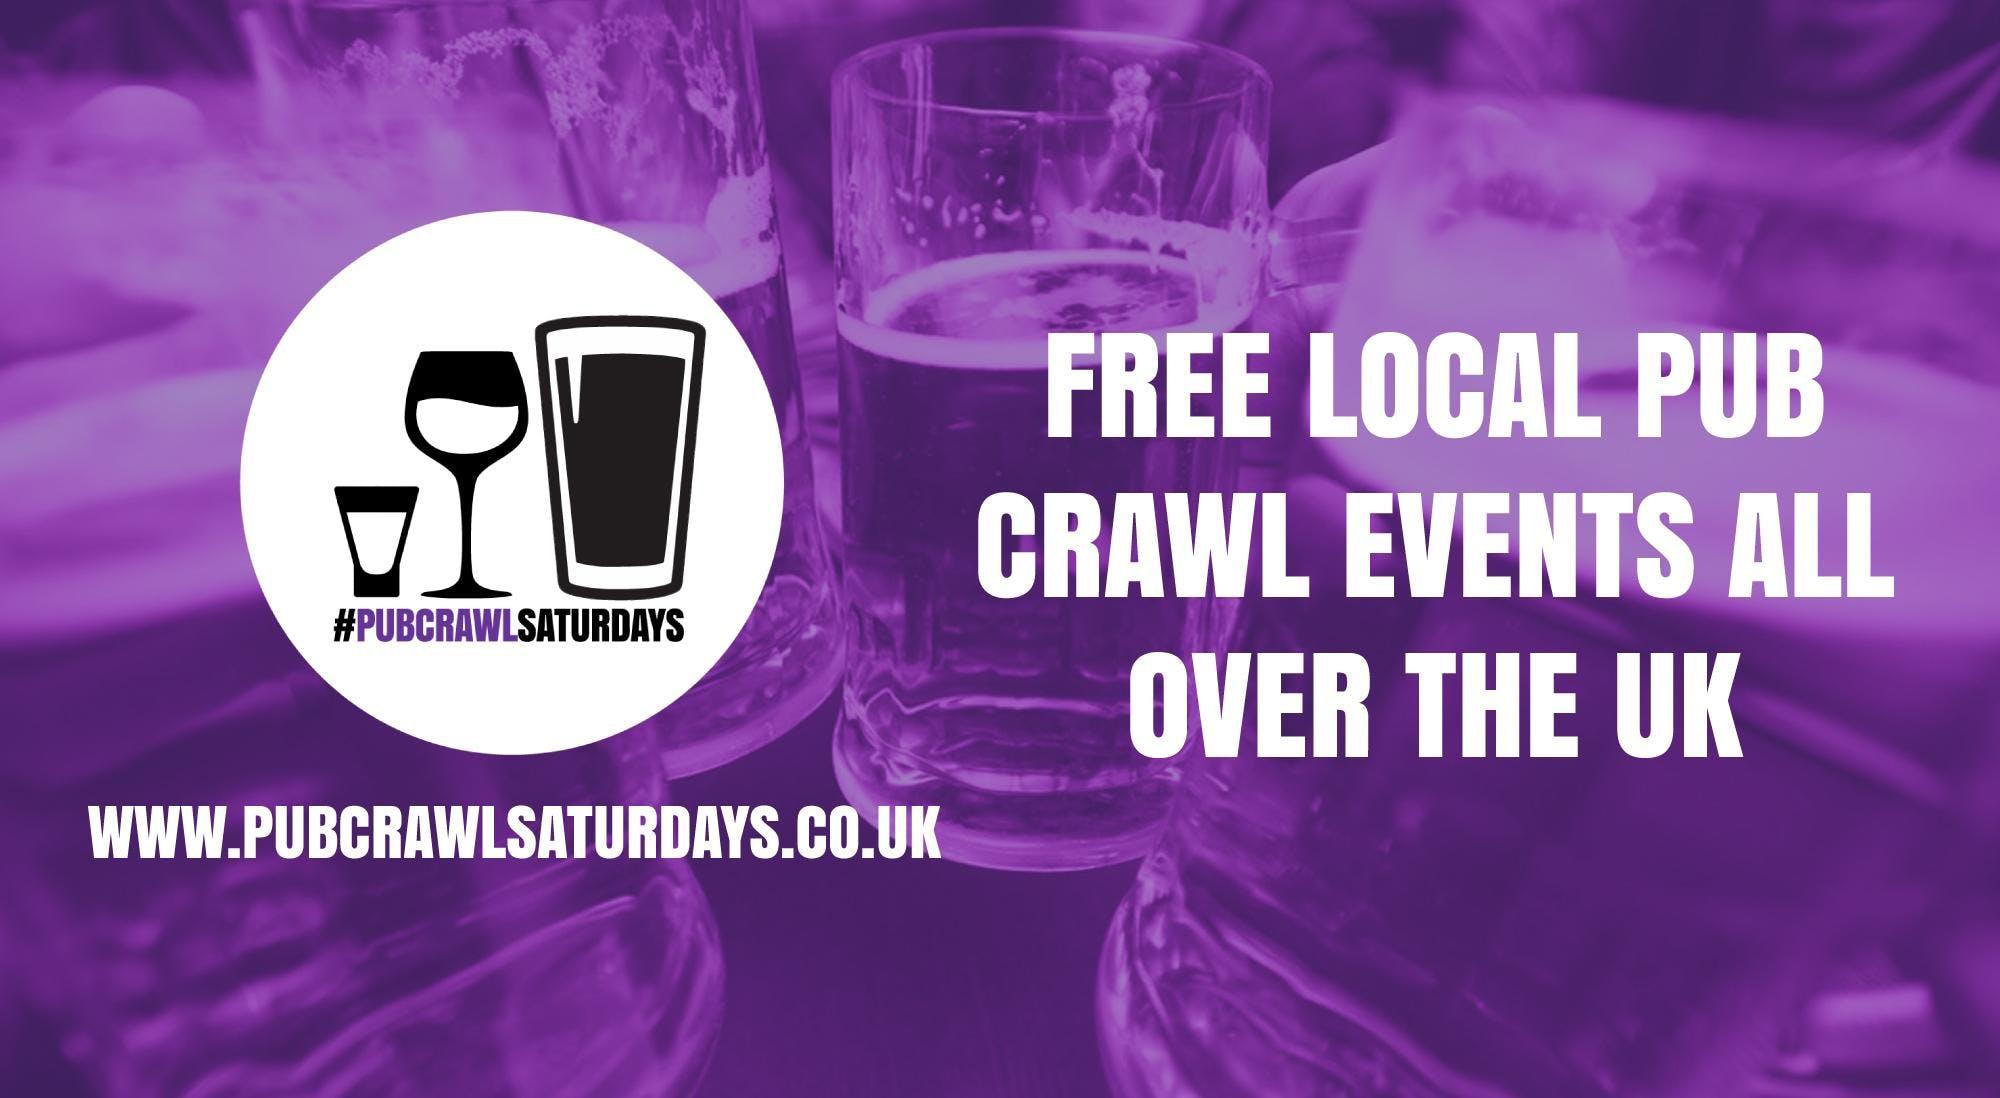 PUB CRAWL SATURDAYS! Free weekly pub crawl event in Leigh